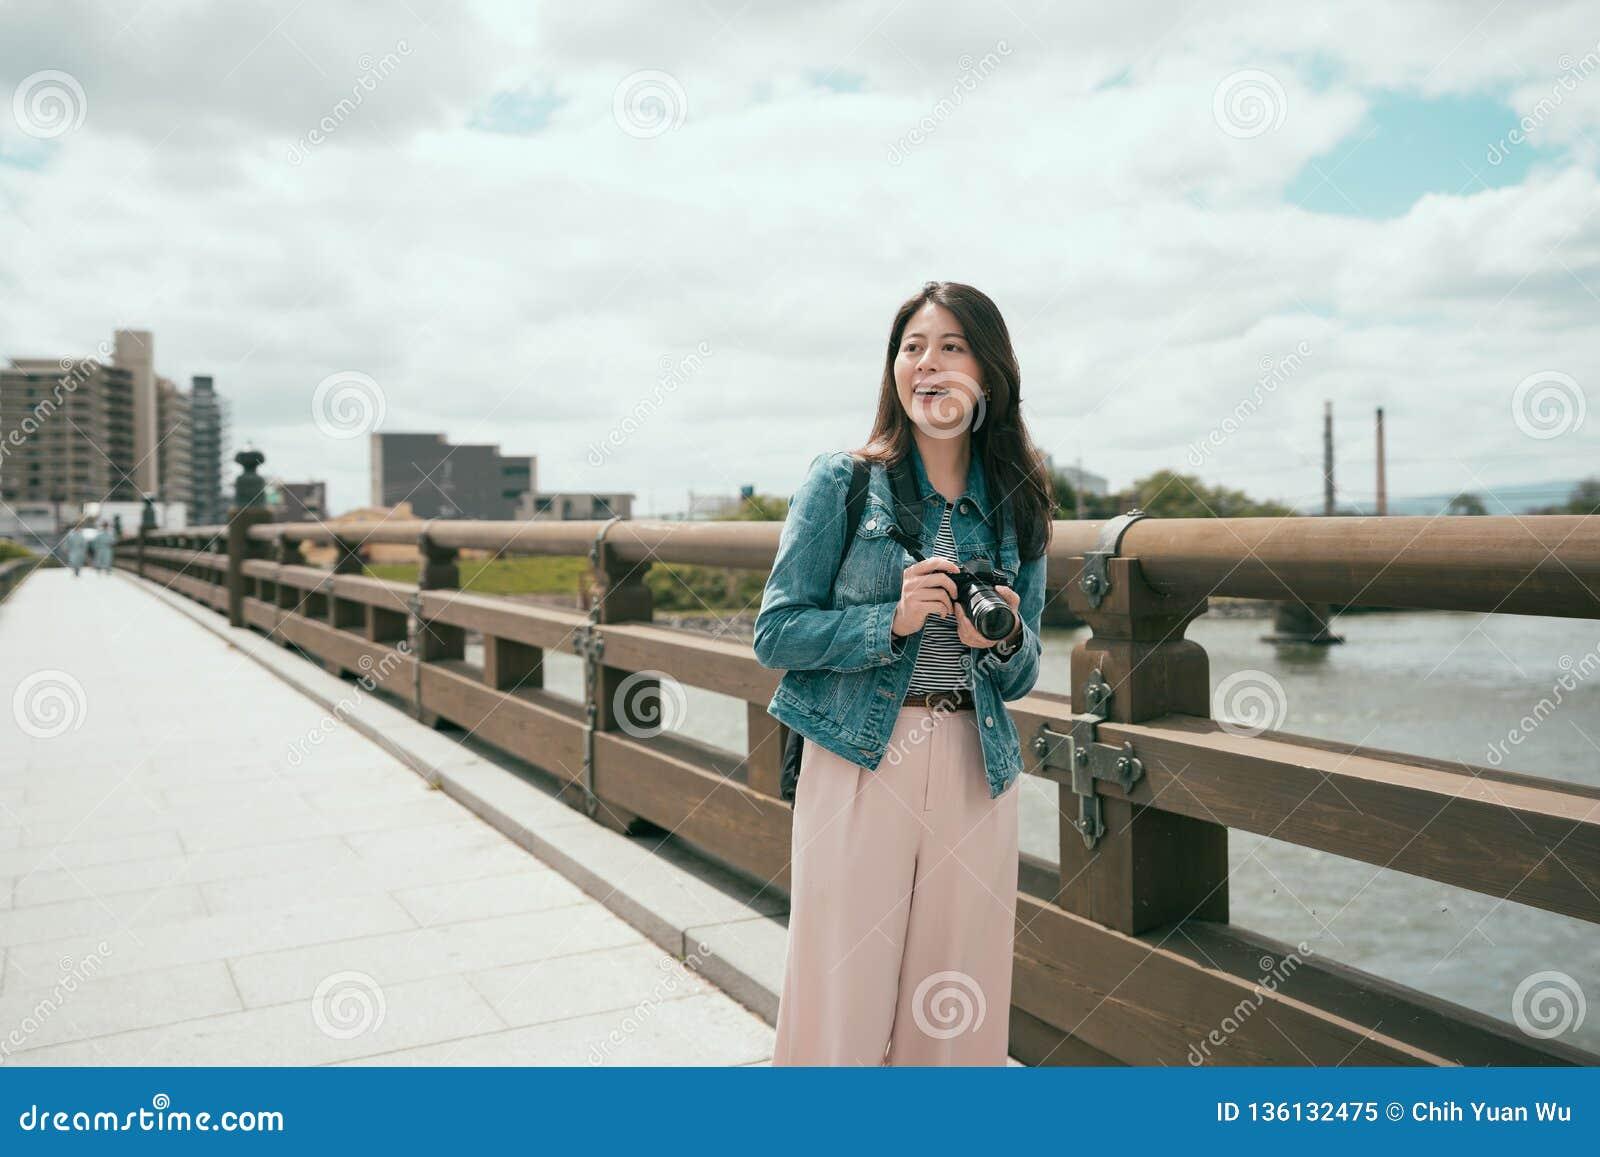 Γυναικείος περίπατος που διασχίζει τη γέφυρα επάνω από τον ποταμό